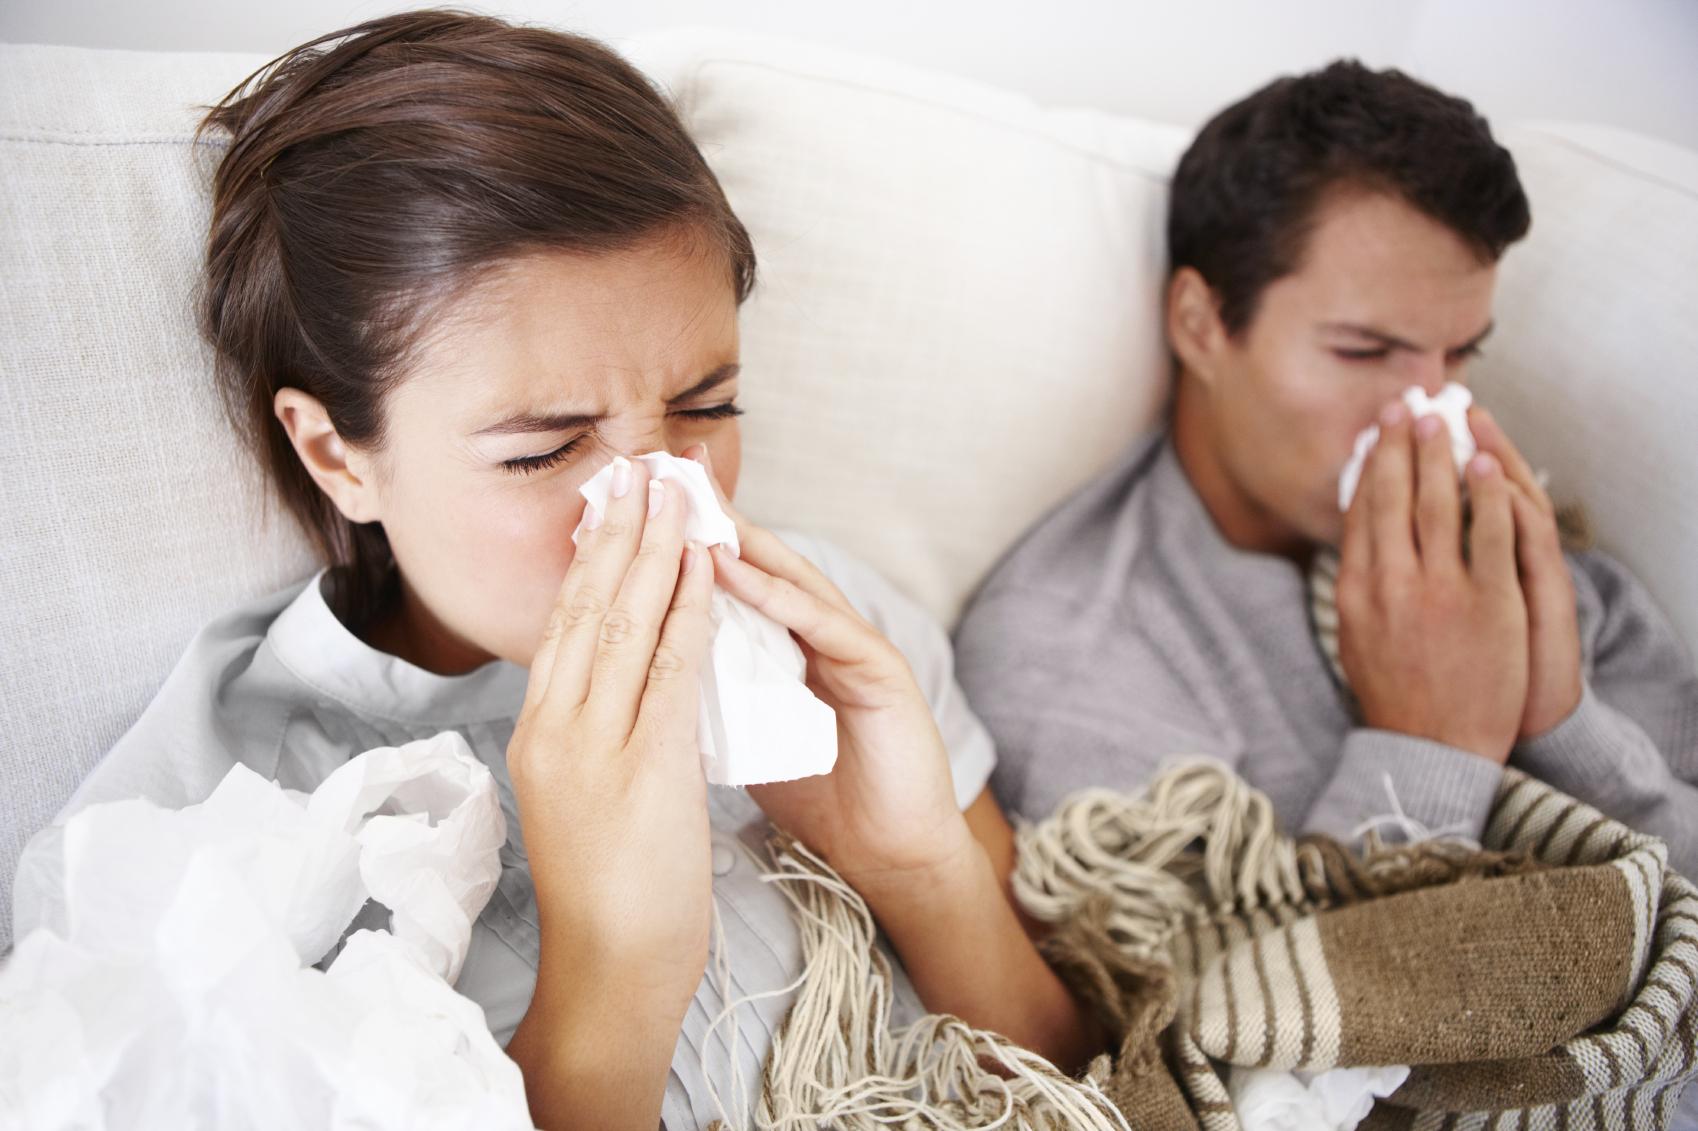 Grip ve Nezle Arasındaki Farklar Nelerdir? Ne Zaman Ciddiye Alınmalıdır?